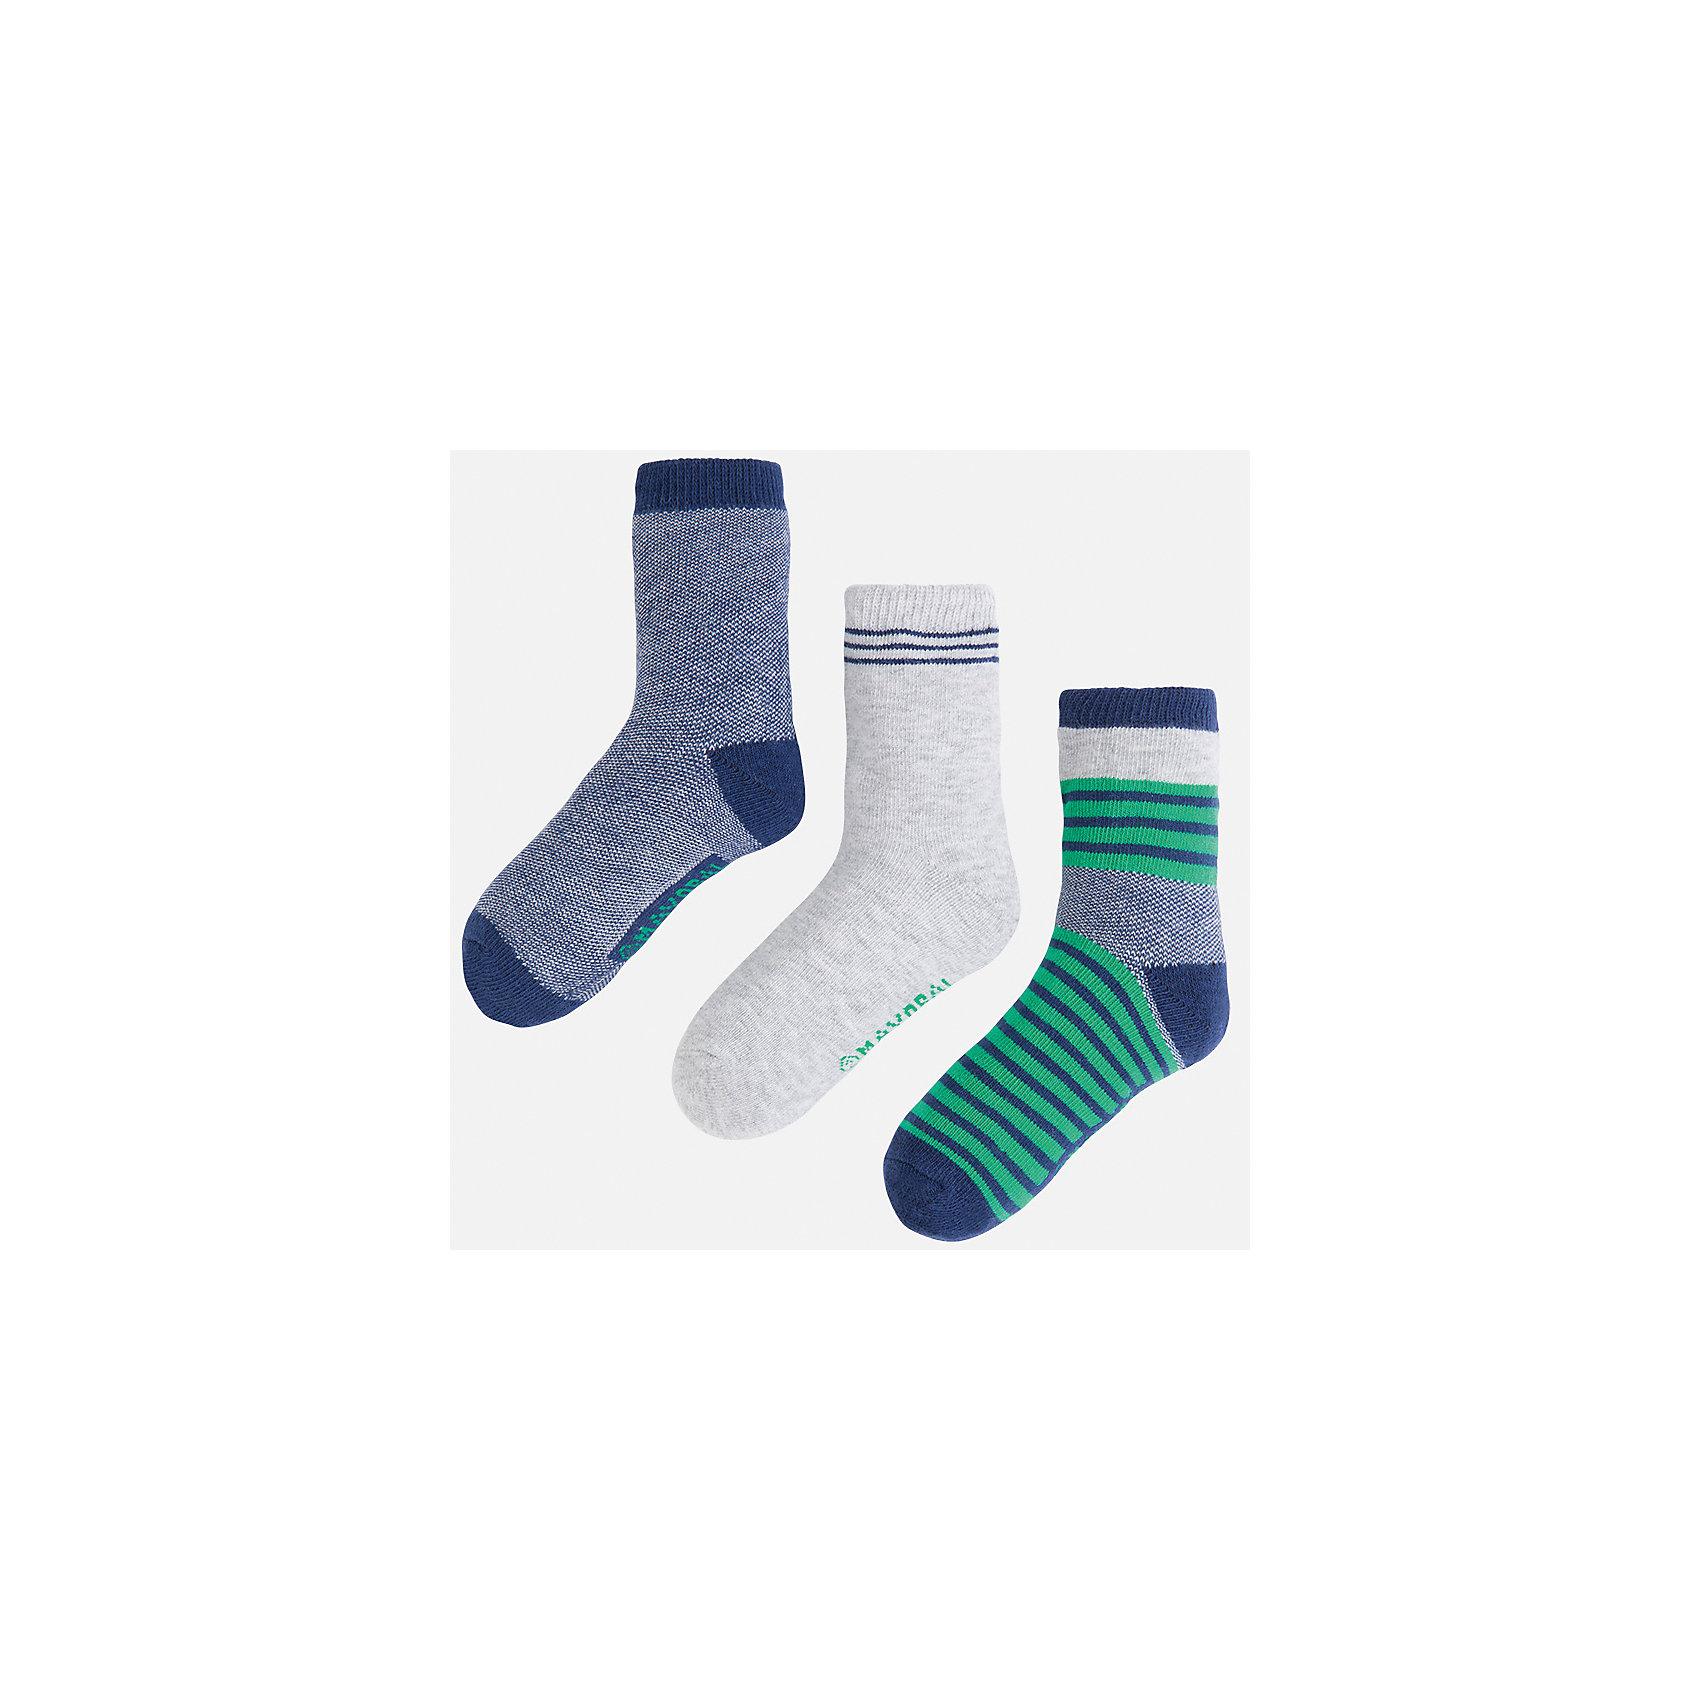 Носки (3 пары) для мальчика MayoralХарактеристики товара:<br><br>• цвет: серый/синий/зеленый<br>• состав: 78% хлопок, 20% полиамид, 2% эластан<br>• комплектация: три пары<br>• мягкая резинка<br>• эластичный материал<br>• декорированы рисунком<br>• страна бренда: Испания<br><br>Удобные симпатичные носки для мальчика помогут обеспечить ребенку комфорт и дополнить наряд. Универсальный цвет позволяет надевать их под обувь разных расцветок. Носки удобно сидят на ноге и аккуратно смотрятся. Этот комплект - практичный и красивый! В составе материала - натуральный хлопок, гипоаллергенный, приятный на ощупь, дышащий. <br><br>Одежда, обувь и аксессуары от испанского бренда Mayoral полюбились детям и взрослым по всему миру. Модели этой марки - стильные и удобные. Для их производства используются только безопасные, качественные материалы и фурнитура. Порадуйте ребенка модными и красивыми вещами от Mayoral! <br><br>Носки (3 пары) для мальчика от испанского бренда Mayoral (Майорал) можно купить в нашем интернет-магазине.<br><br>Ширина мм: 87<br>Глубина мм: 10<br>Высота мм: 105<br>Вес г: 115<br>Цвет: зеленый<br>Возраст от месяцев: 72<br>Возраст до месяцев: 96<br>Пол: Мужской<br>Возраст: Детский<br>Размер: 8,2,4,6<br>SKU: 5294357